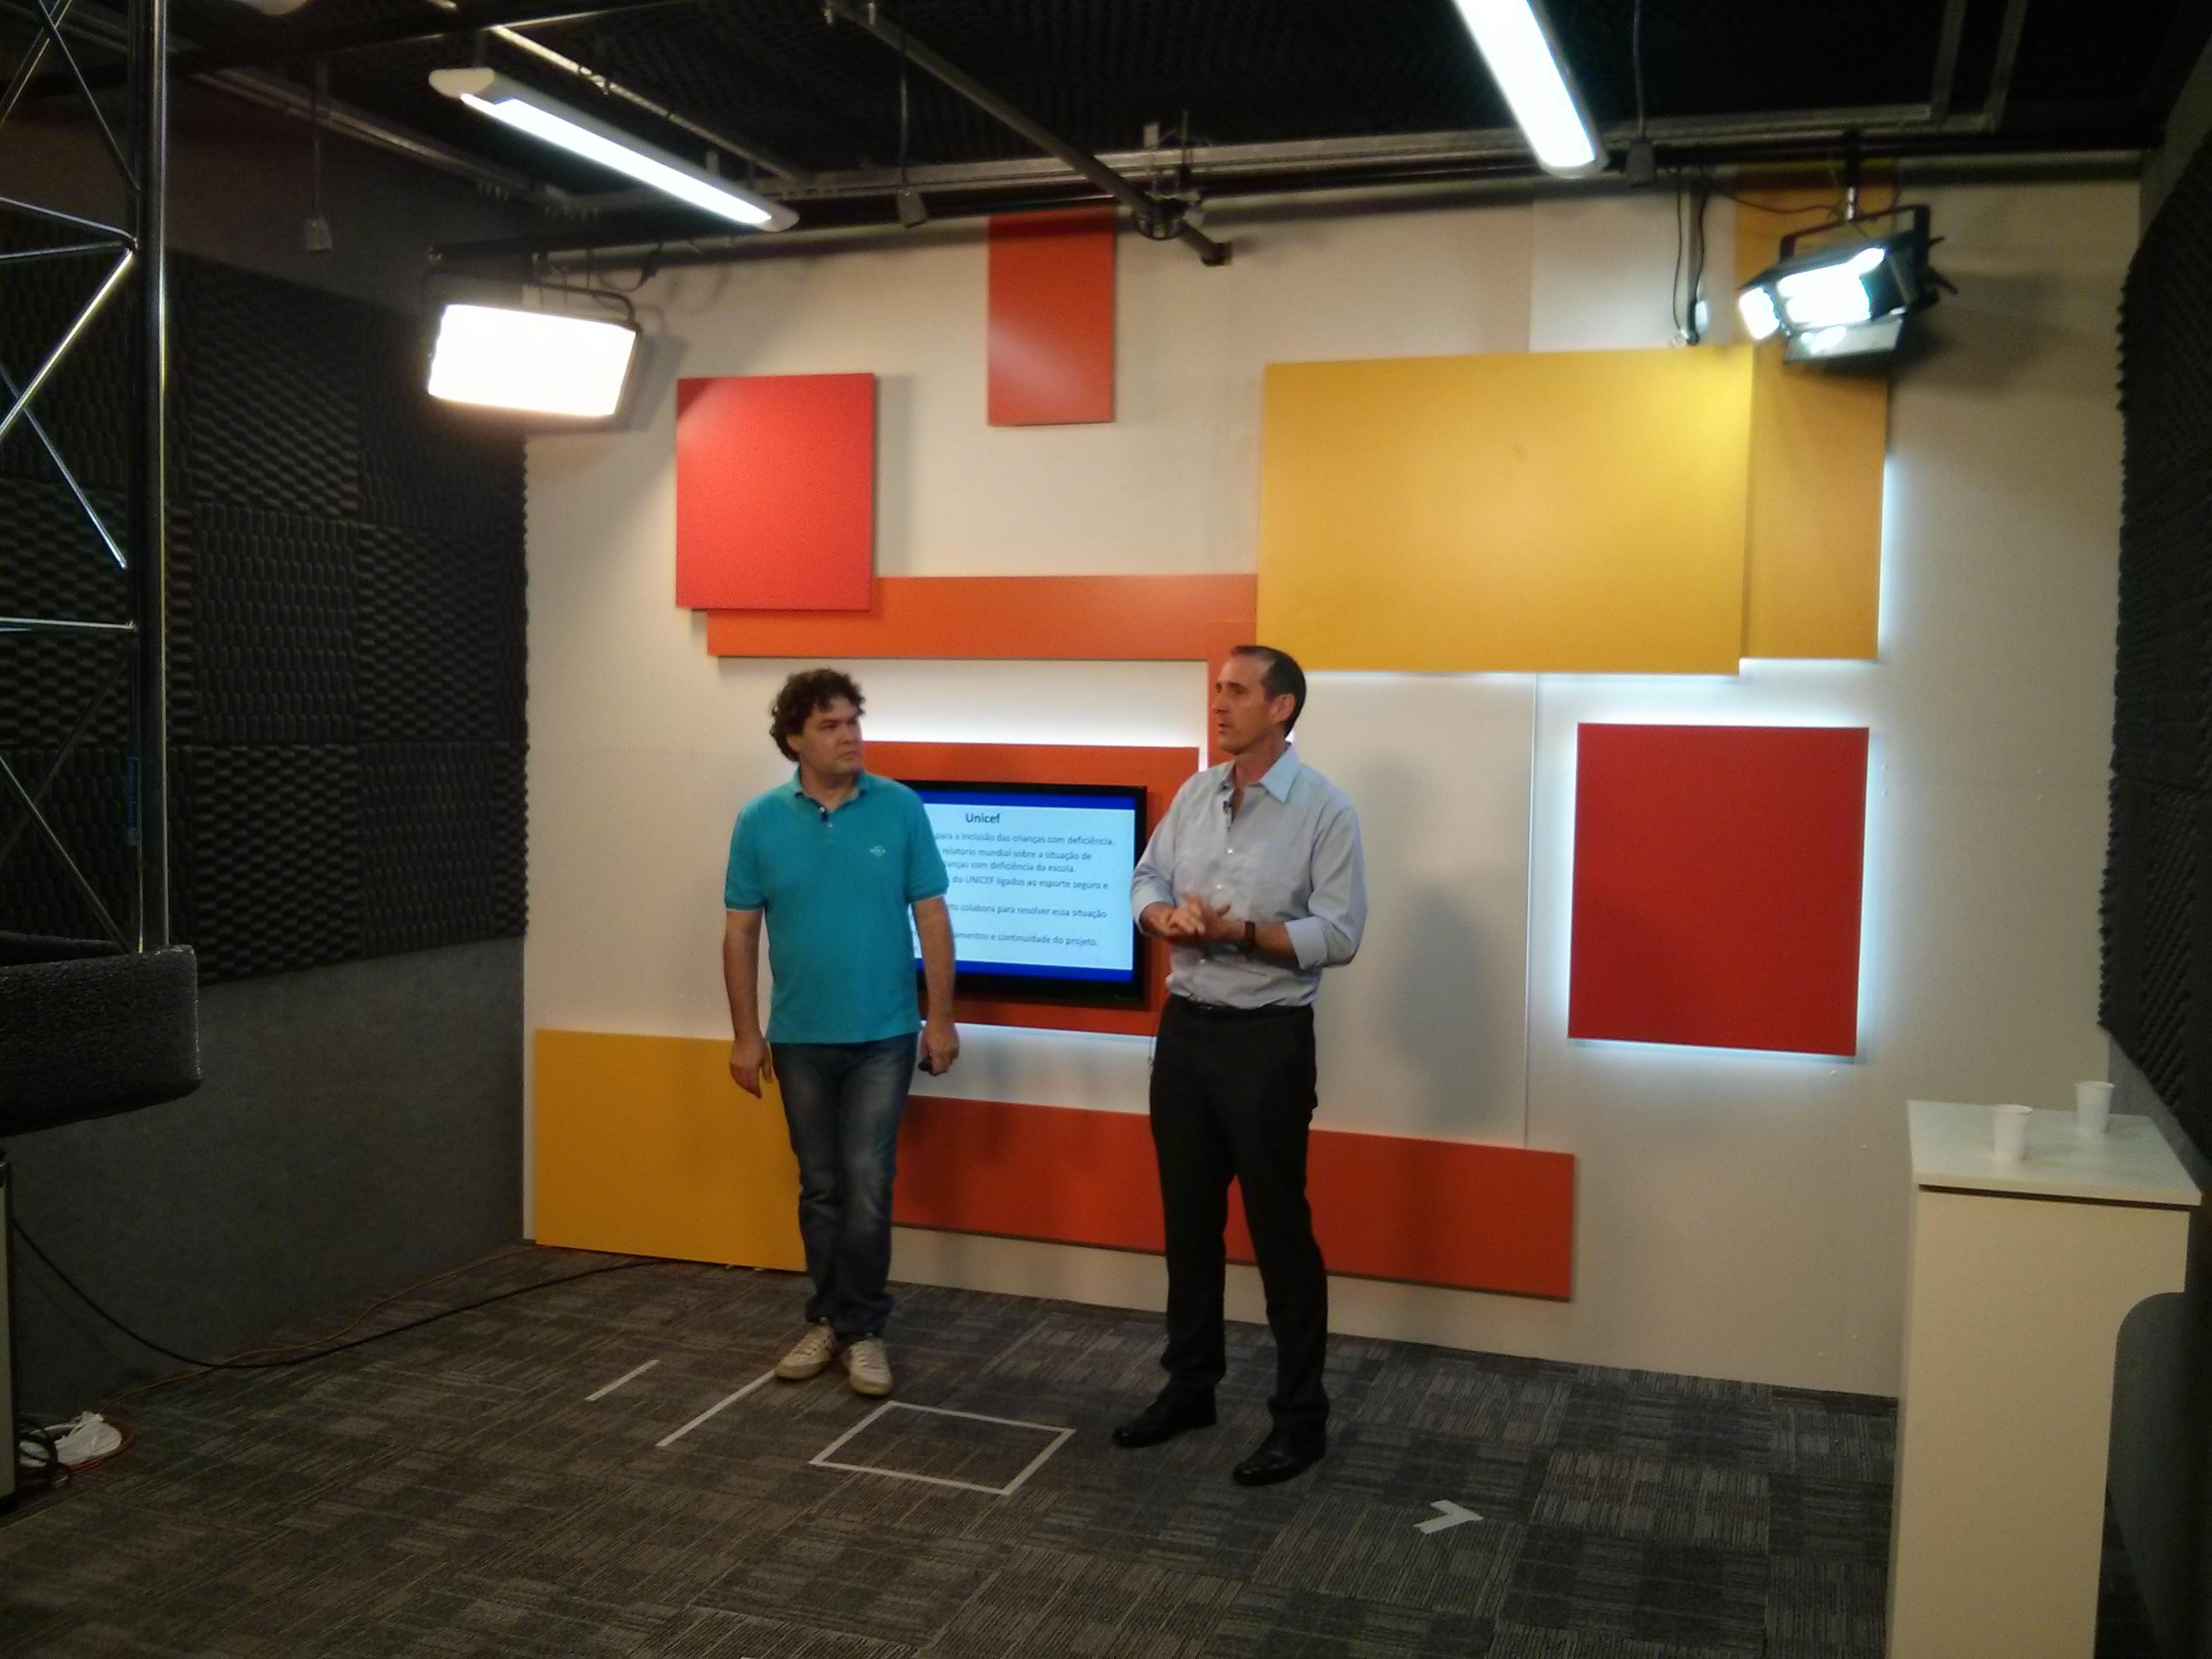 Em estúdio, dois homens estão em pé, a frente de uma parede com quadrados coloridos. Na parede há uma televisão e dois refletores posicionados nos cantos superiores.